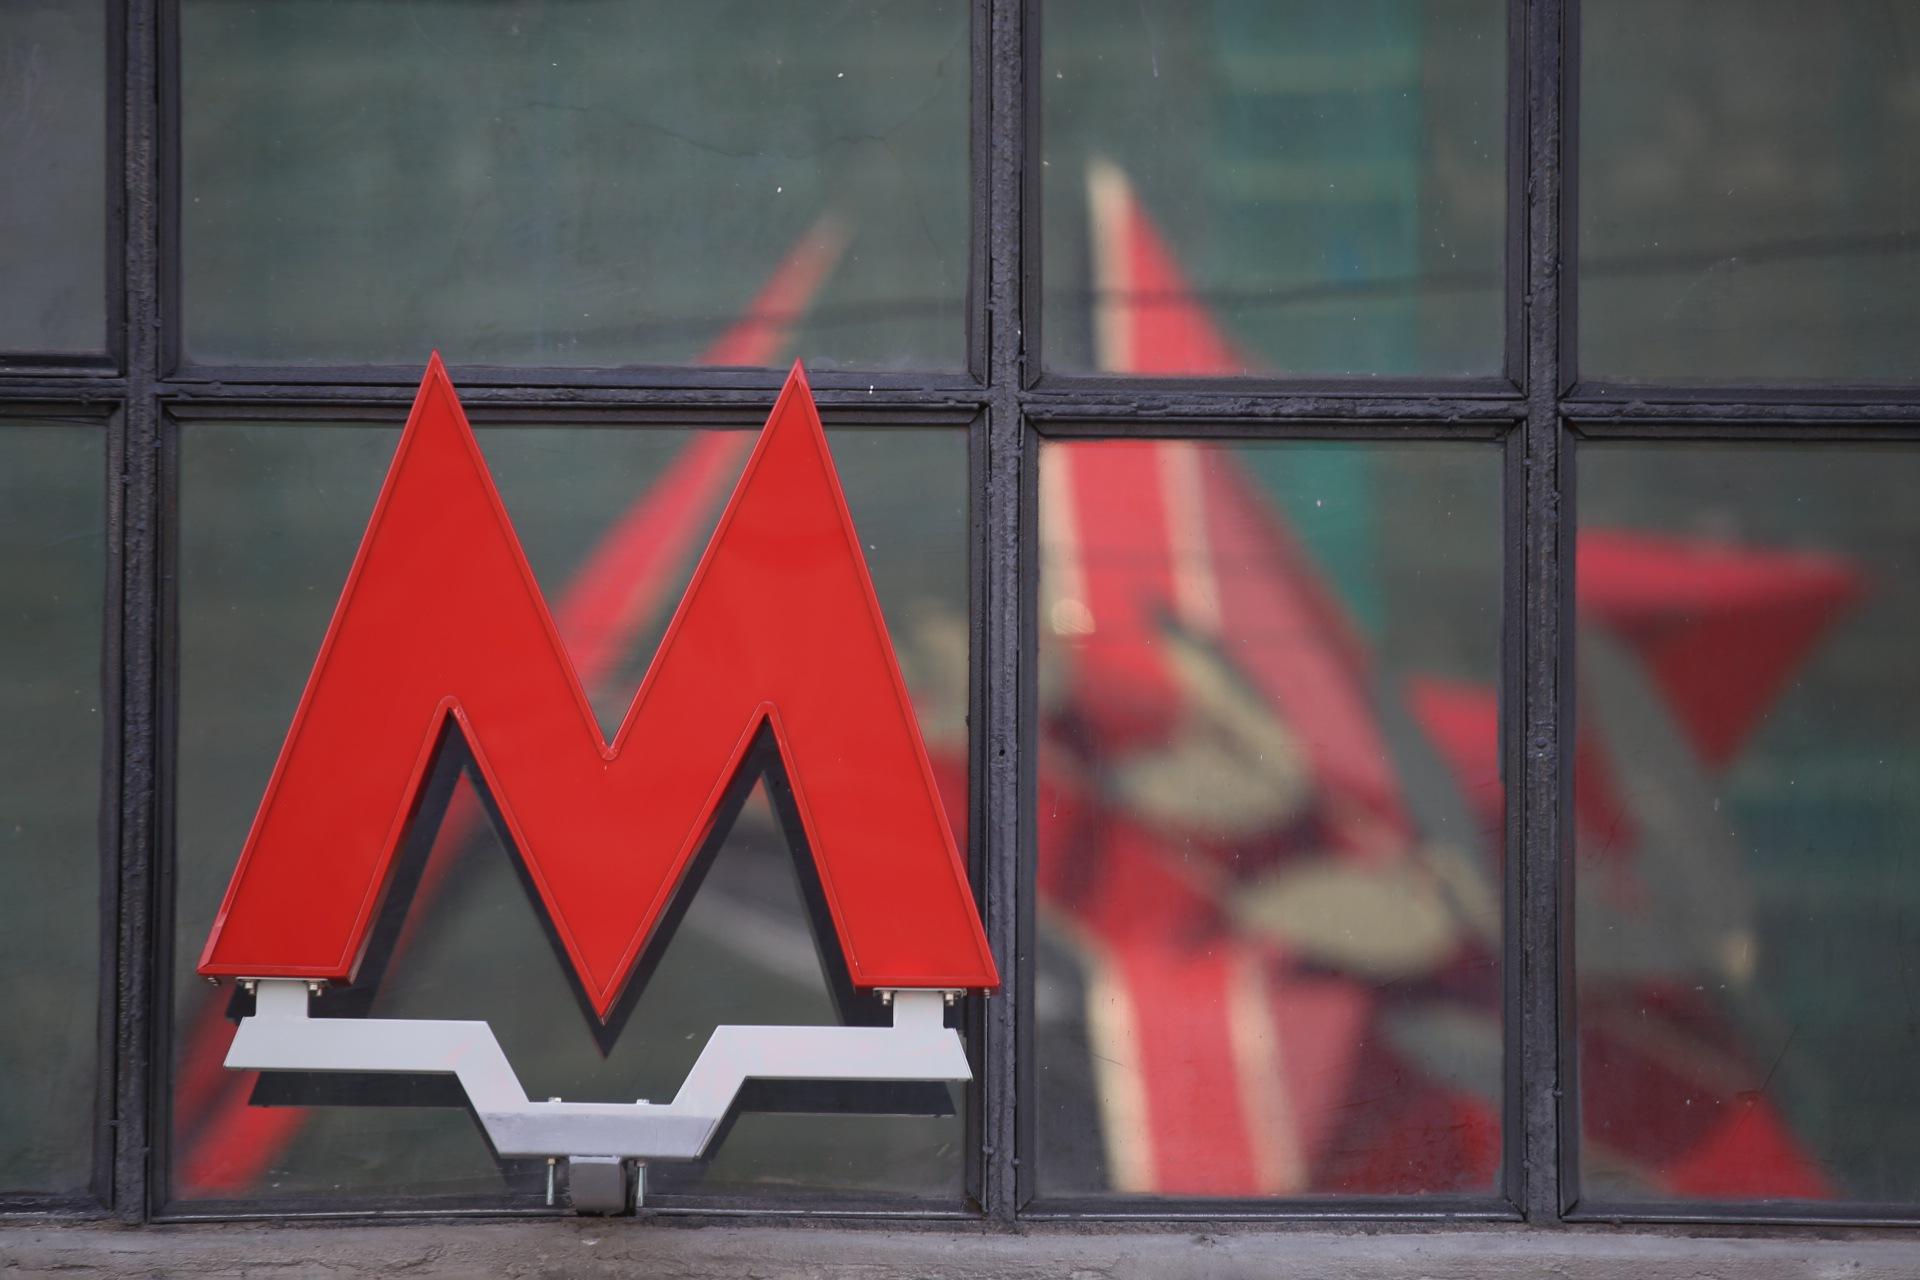 Терминалы для безналичного пополнения «Тройки» установили в метро Москвы